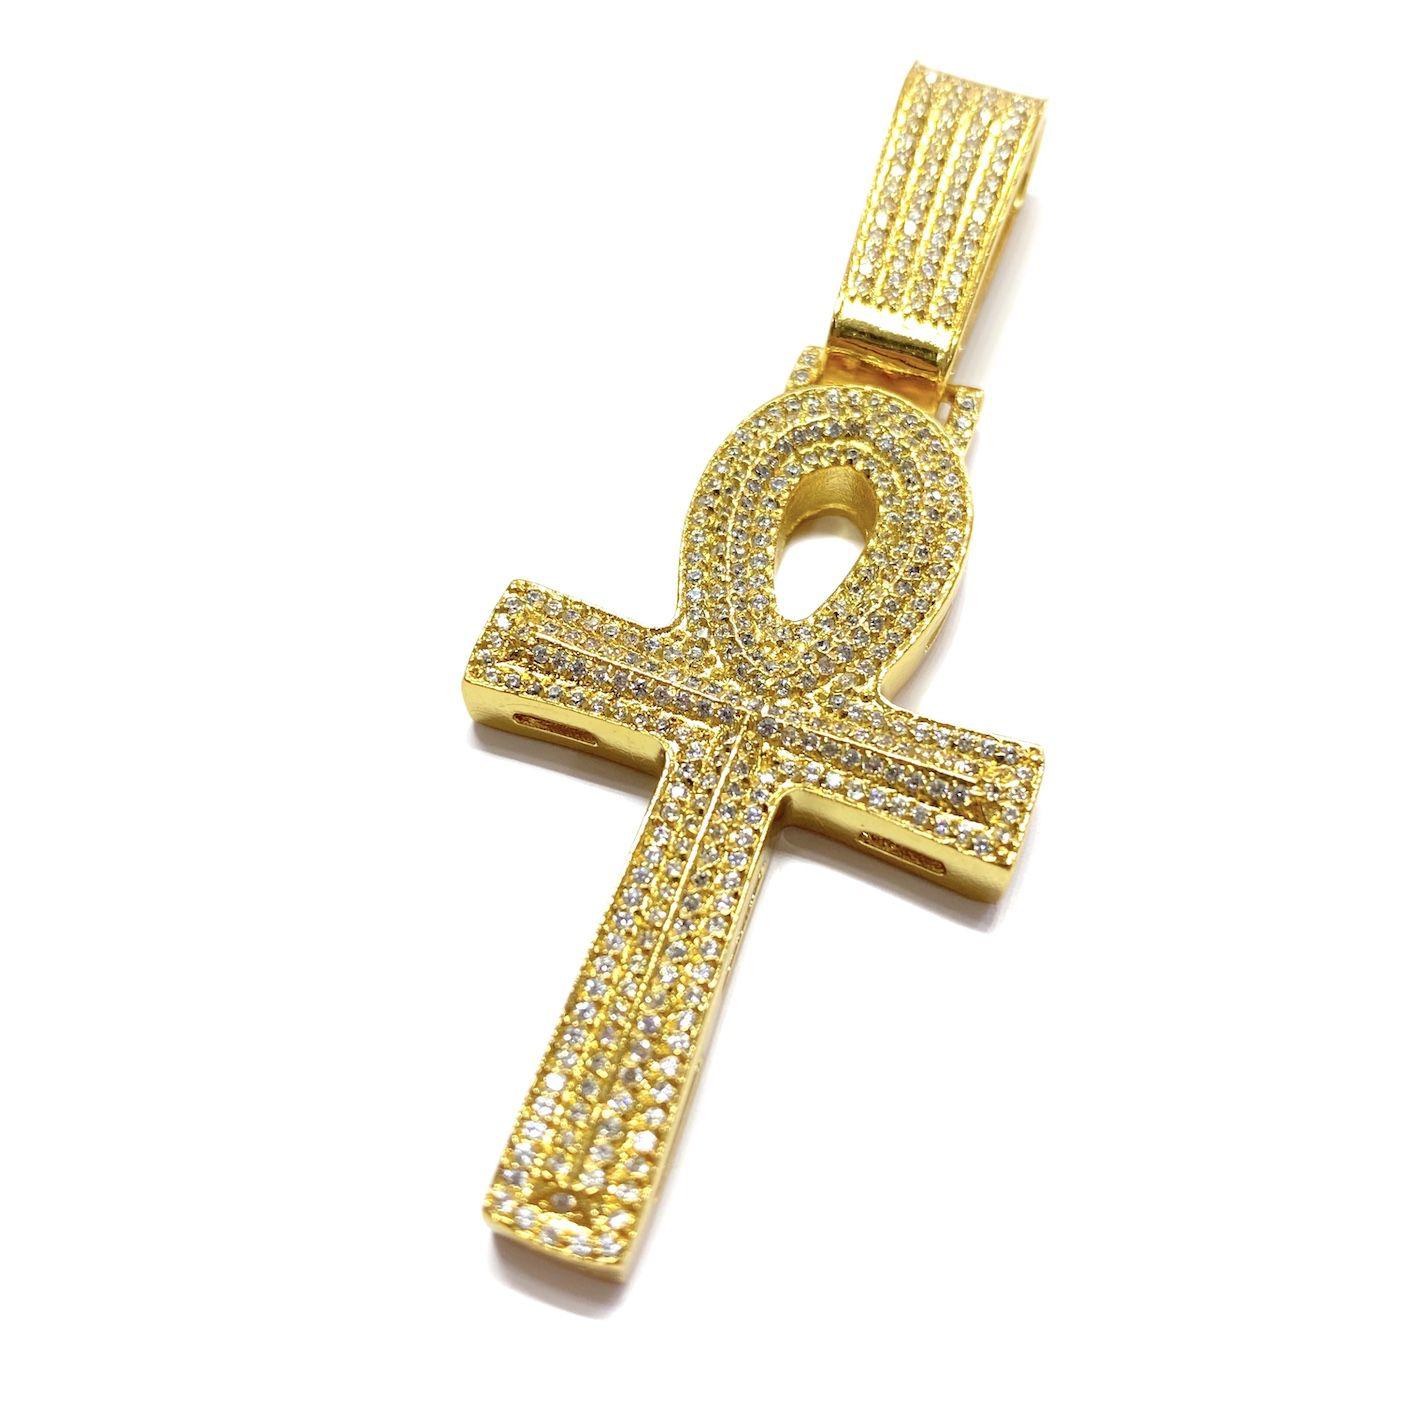 Pingente Crucifixo GDO Cruz Ansata (5,5cmX3,2cm) (13,5g) (Banho Ouro 24k)